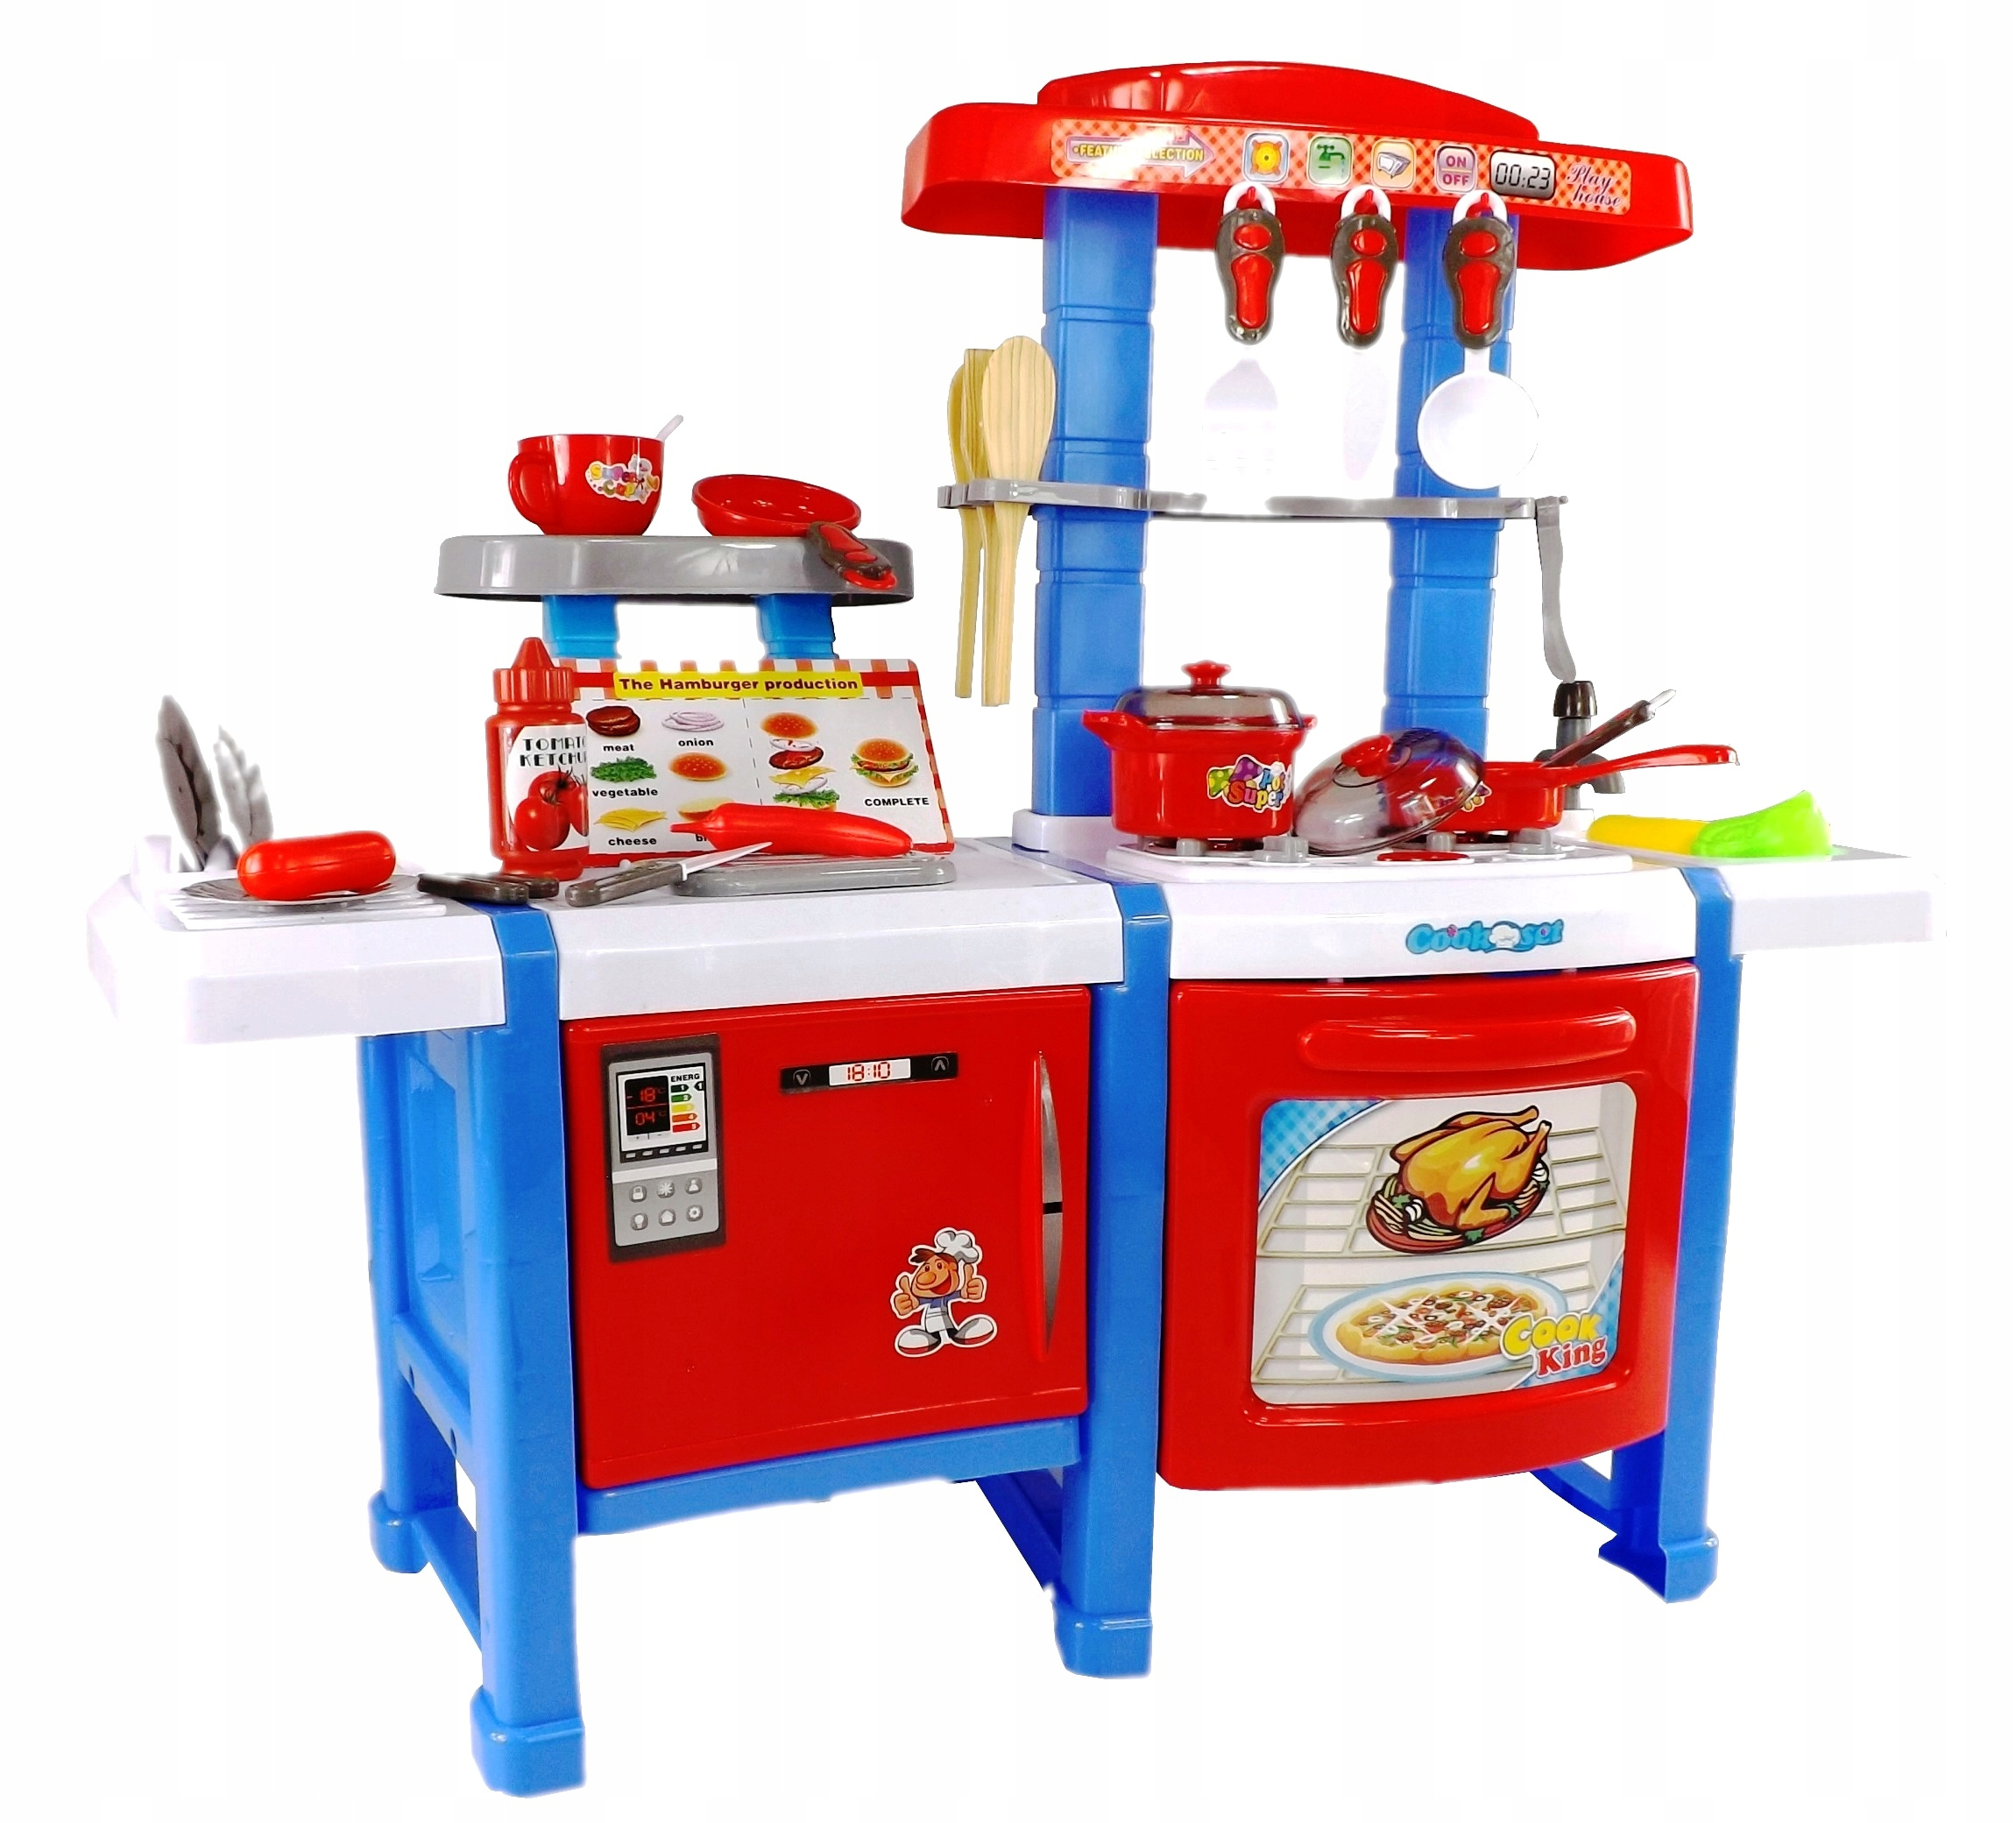 Dětská kuchyňka s lednicí a troubou - červená